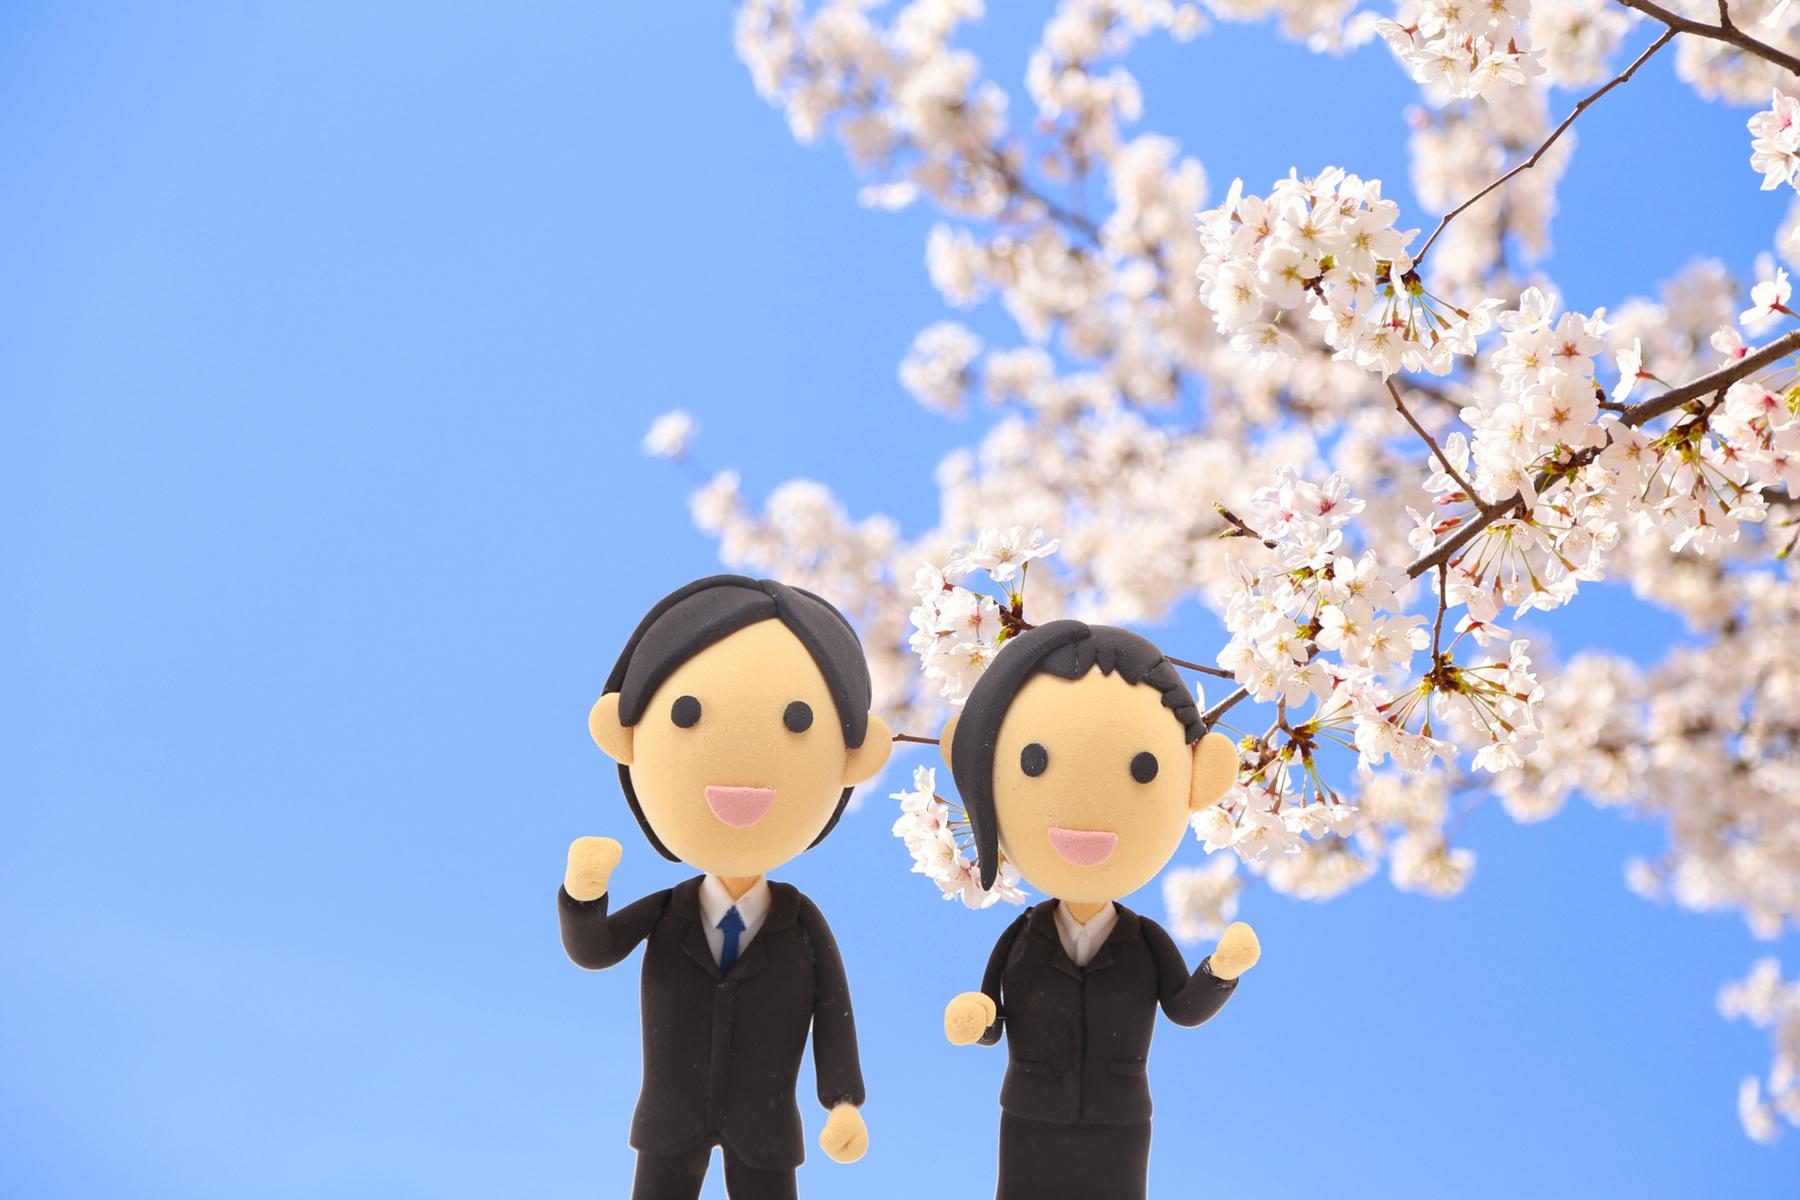 桜の樹の下の就活生人形